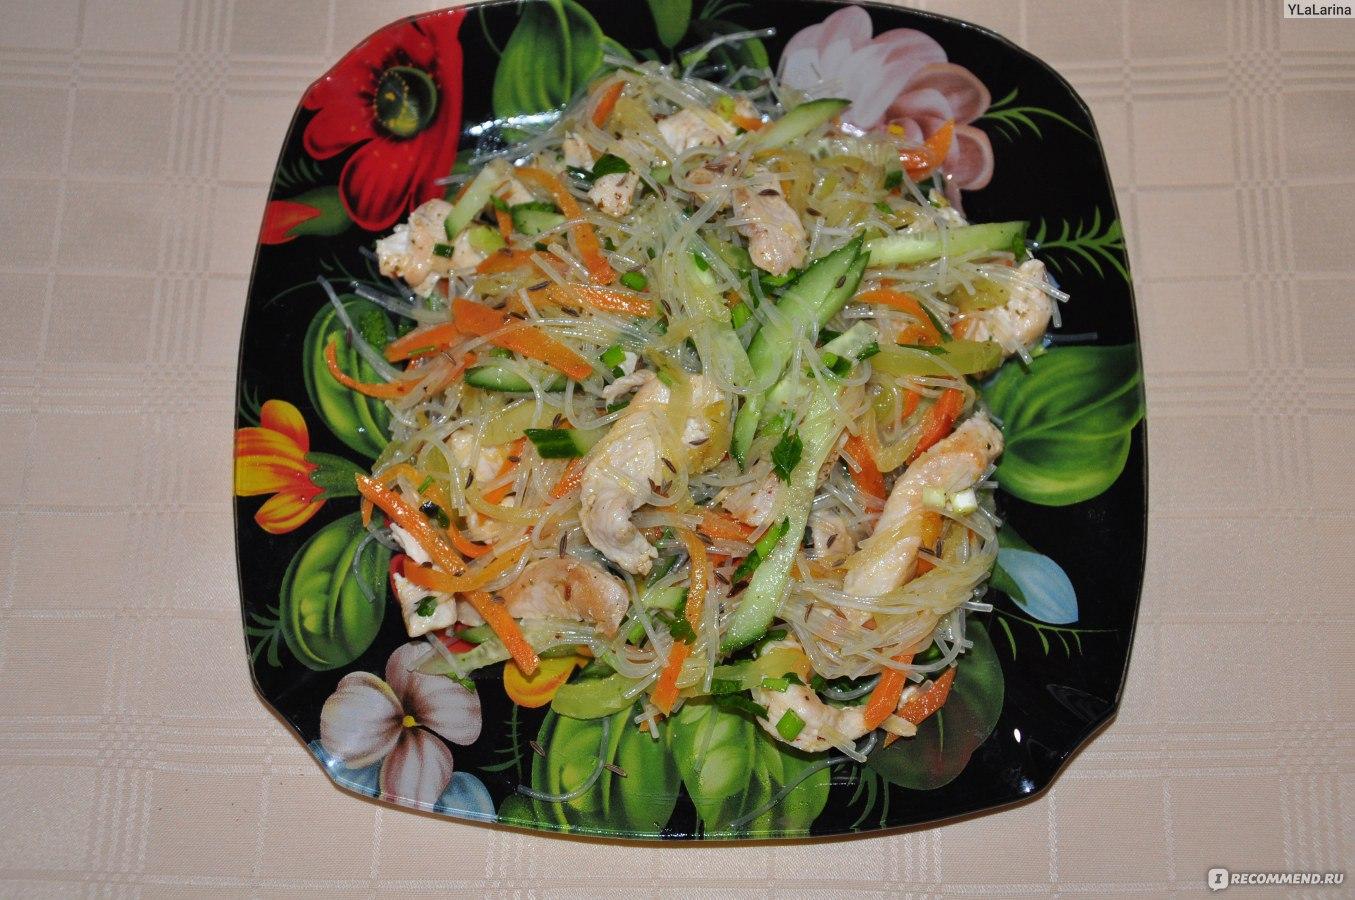 Салат с фунчозой фотоы